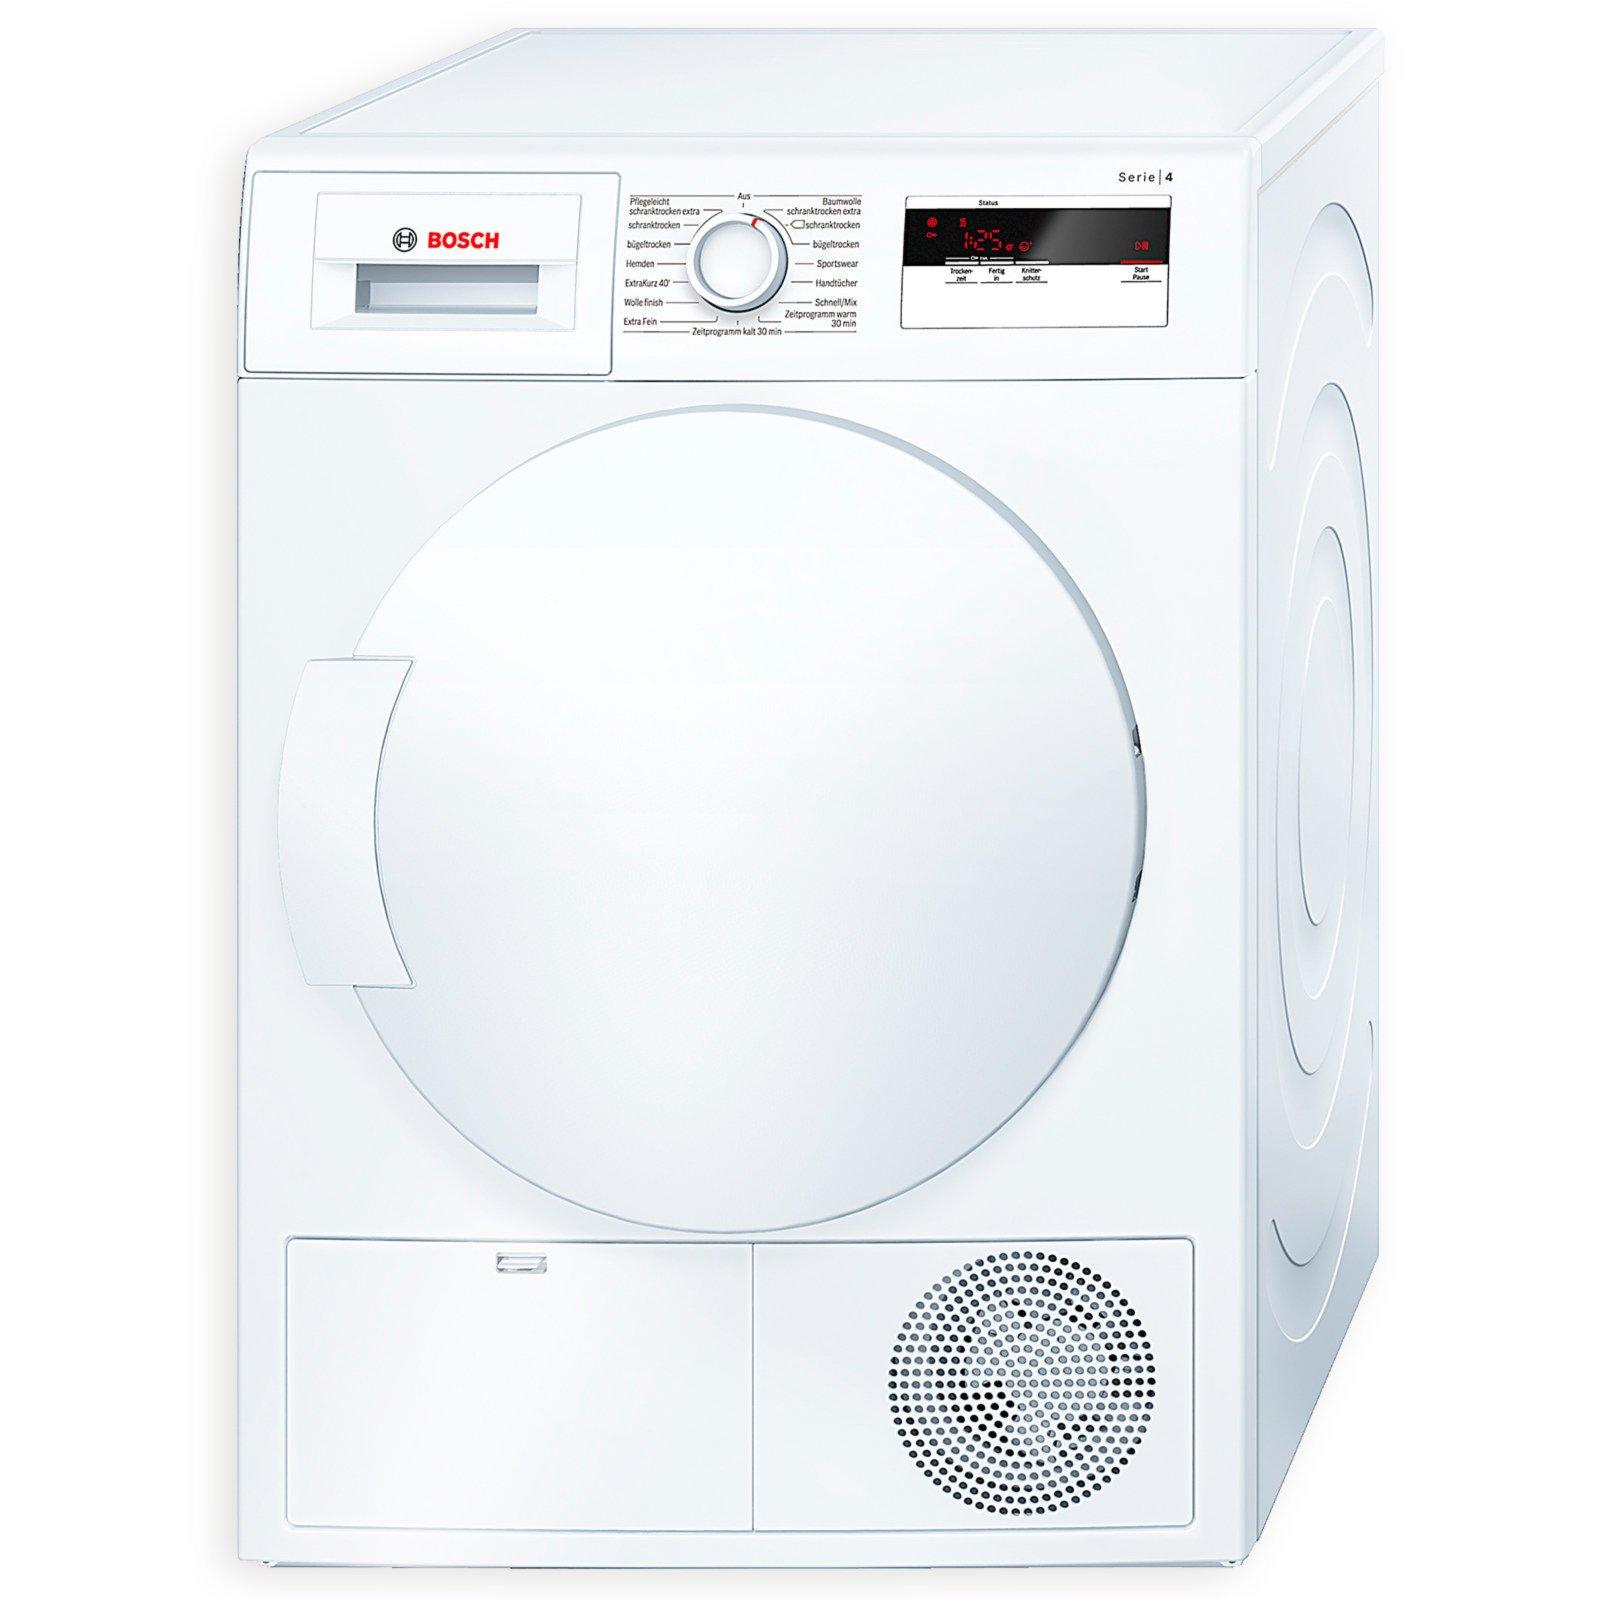 Eitelkeit Trockner Dekoration Von Bosch Wärmepumpentrockner Wth83000 - Kondensation - A+